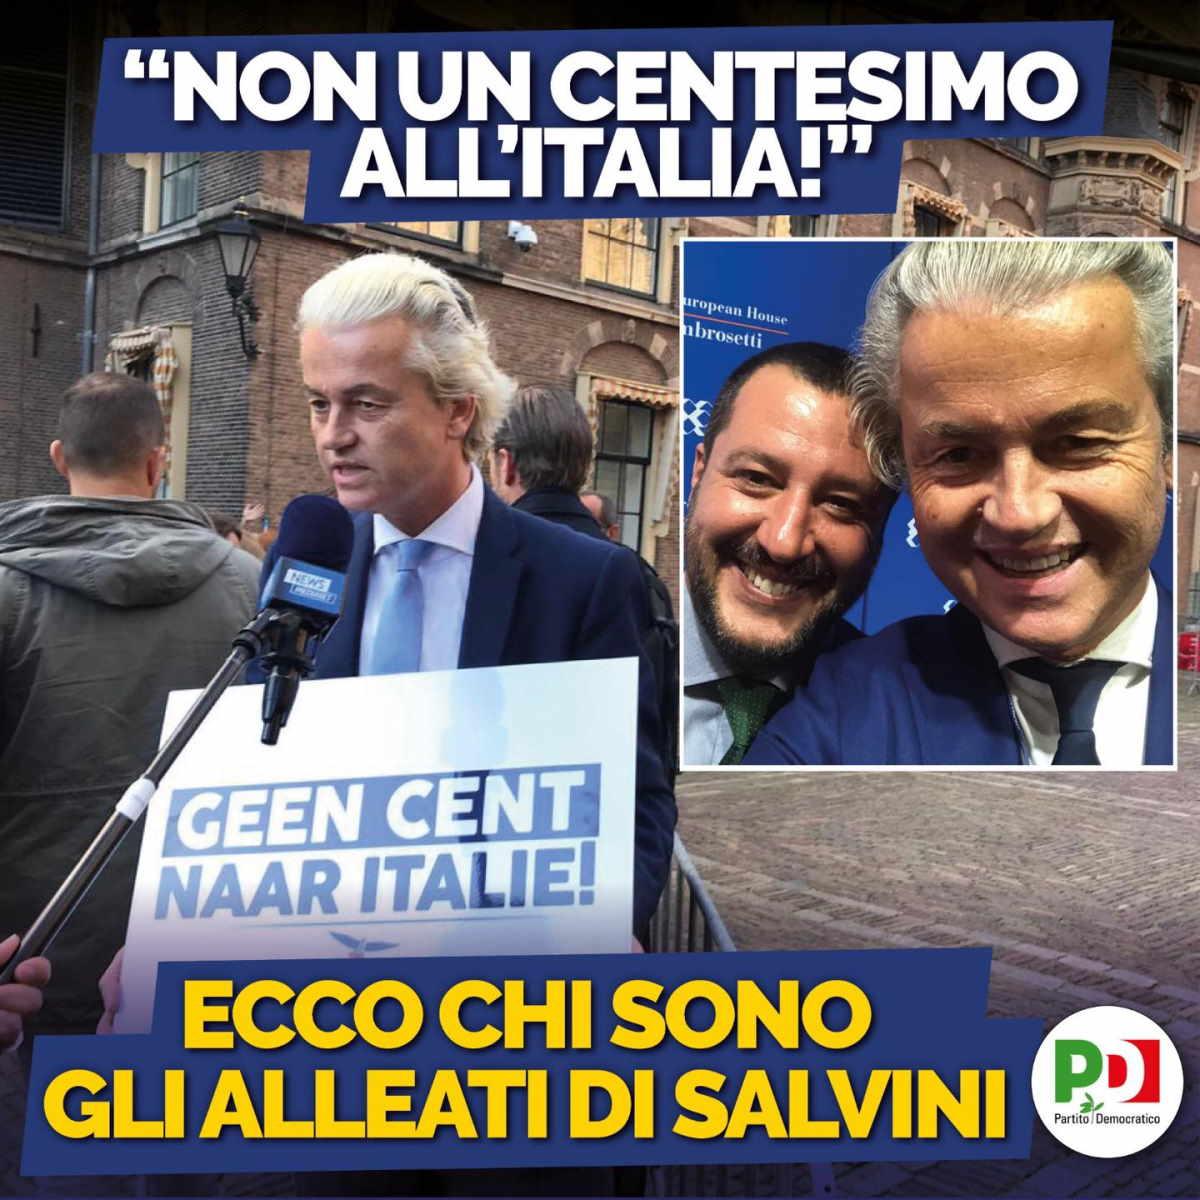 Caro Salvini, prima gli italiani o prima gli olandesi? Facci sapere